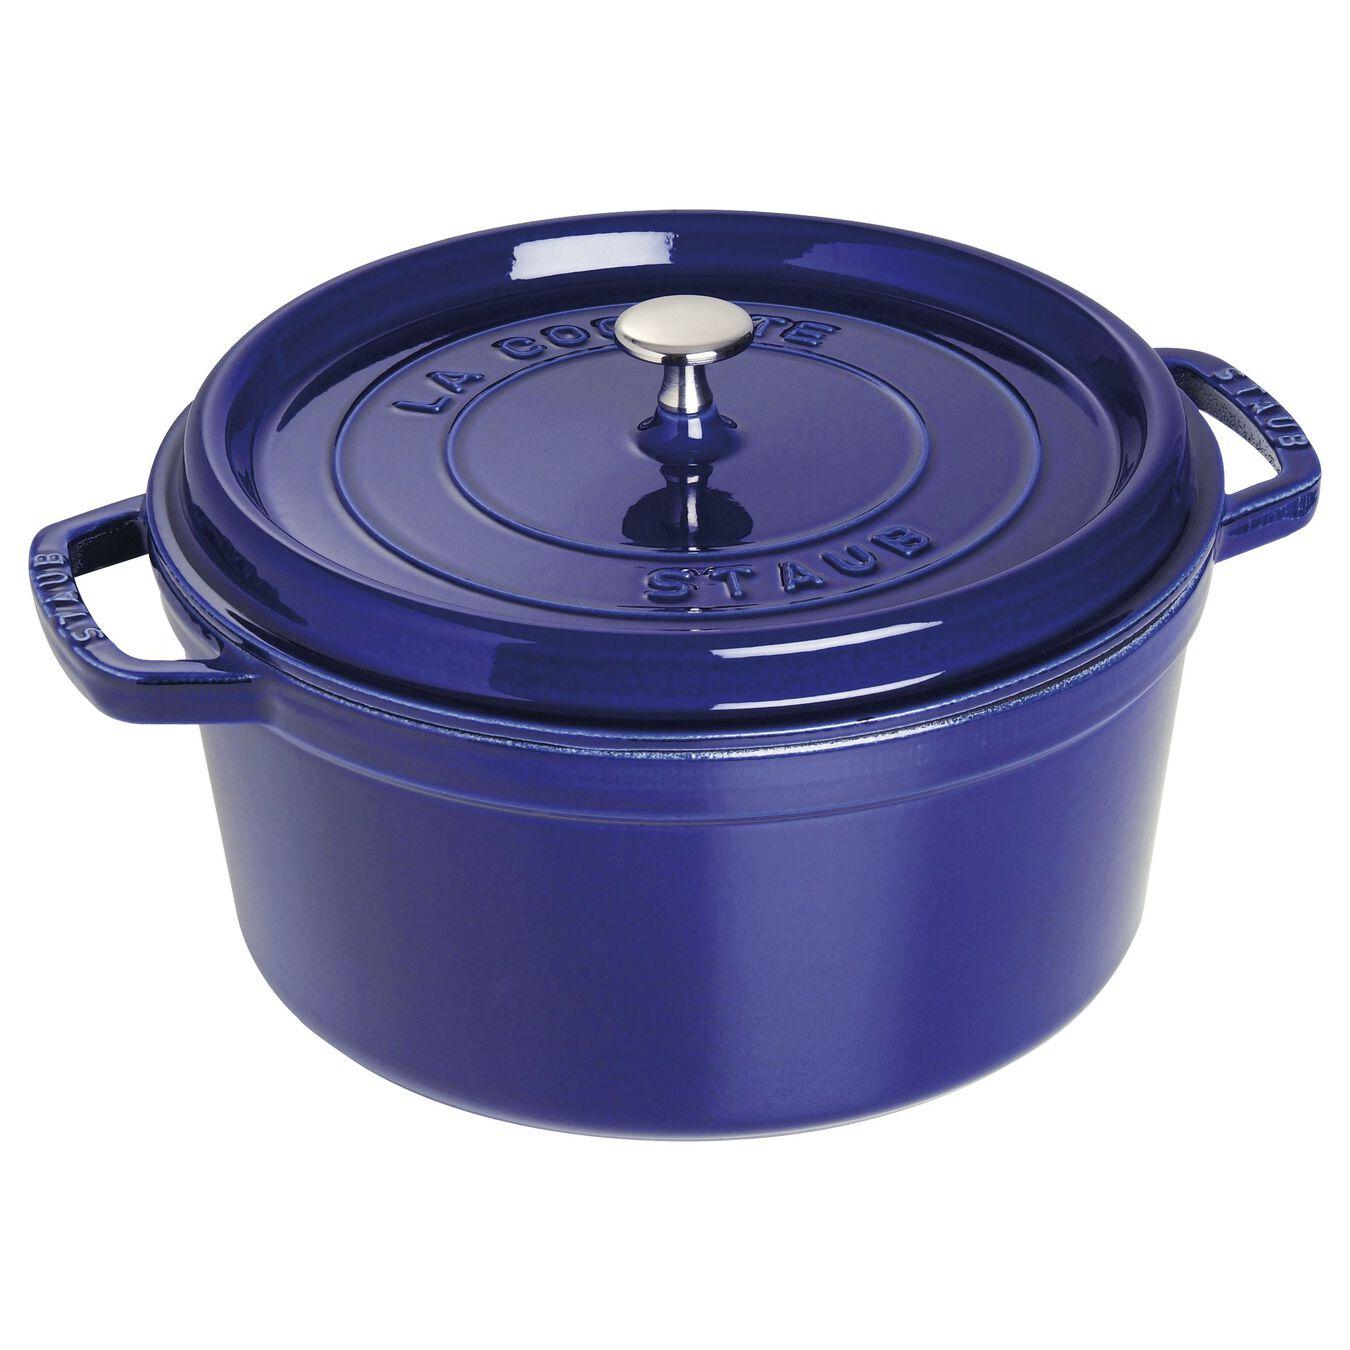 Cocotte 28 cm, Rond(e), Bleu intense, Fonte,,large 1